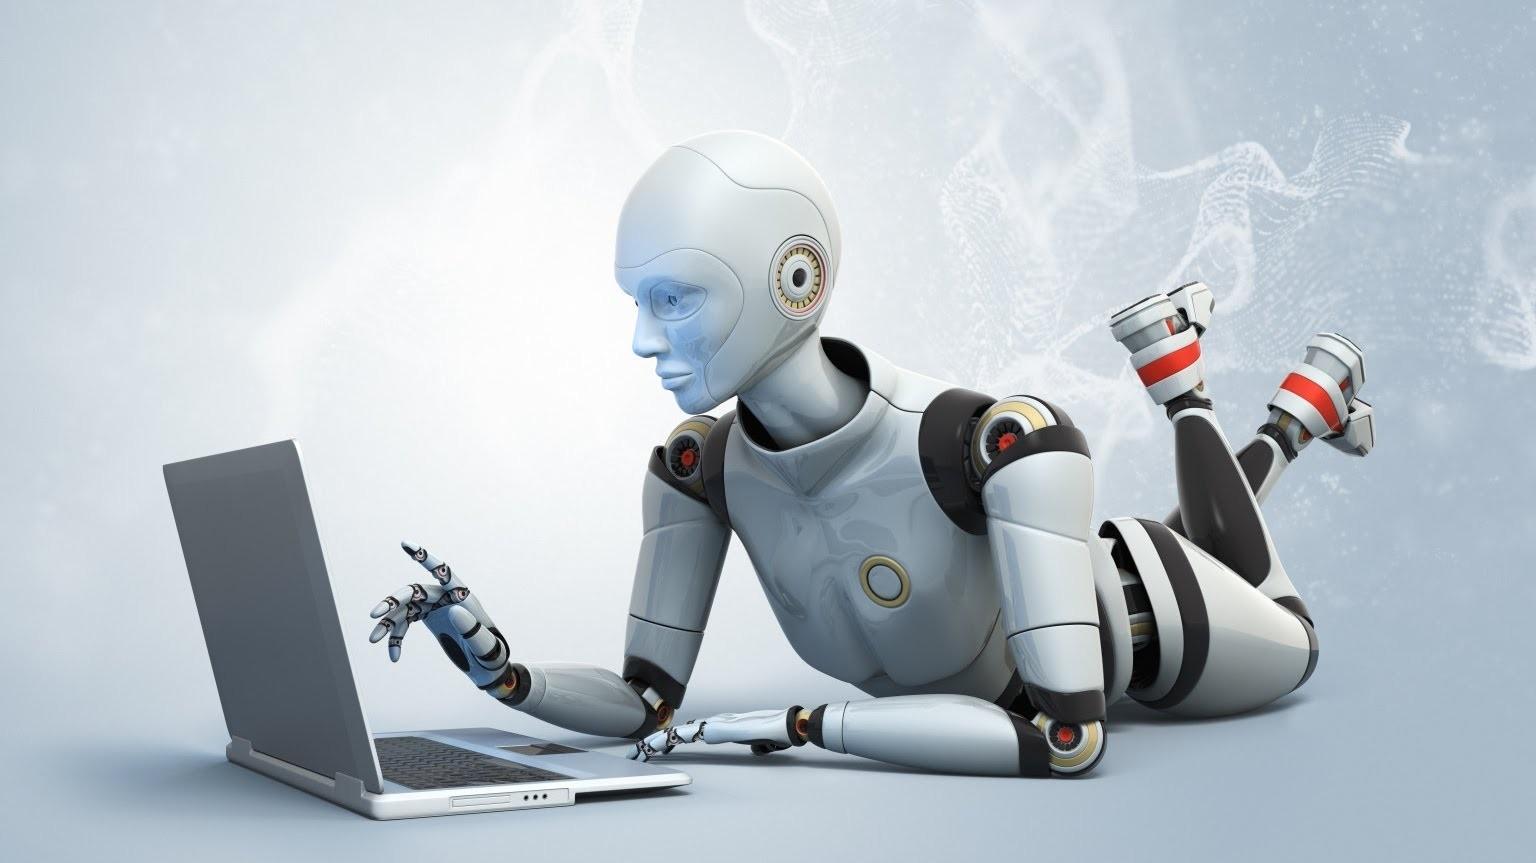 Nem scifi, mai hír: megkezdődött az újságírás robotizálása